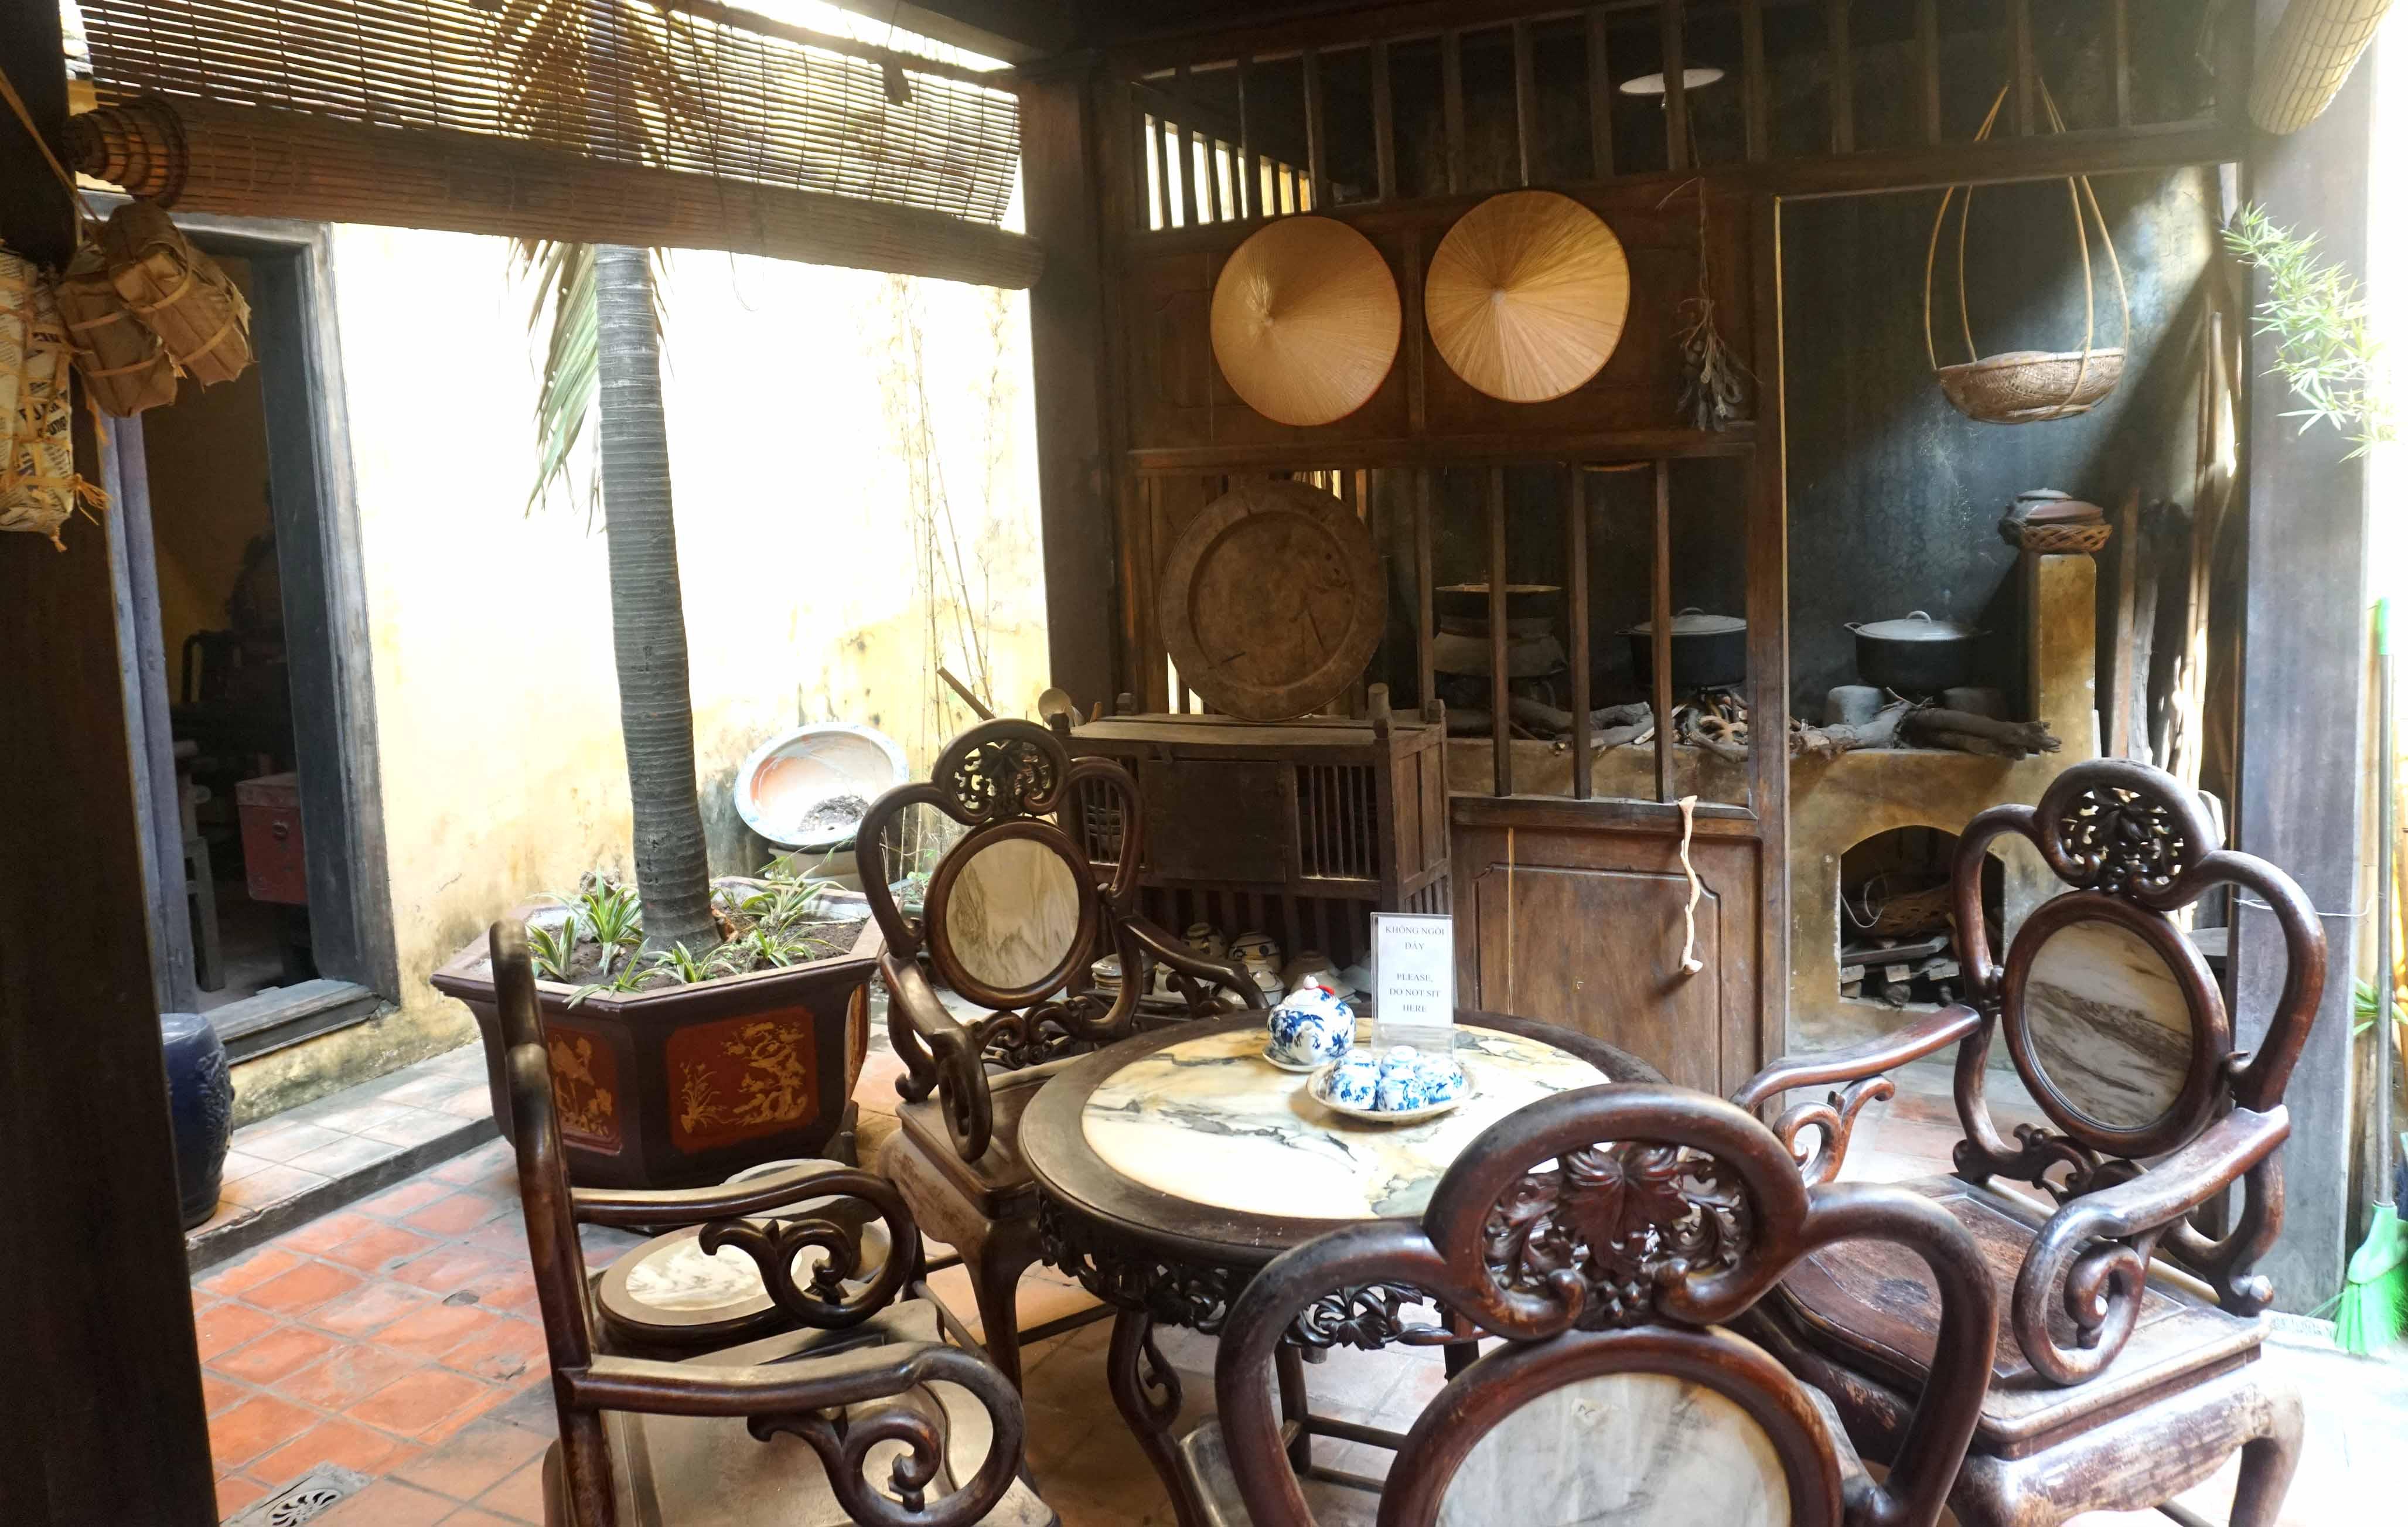 Interior de la casa del barrio antiguo de Hanoi